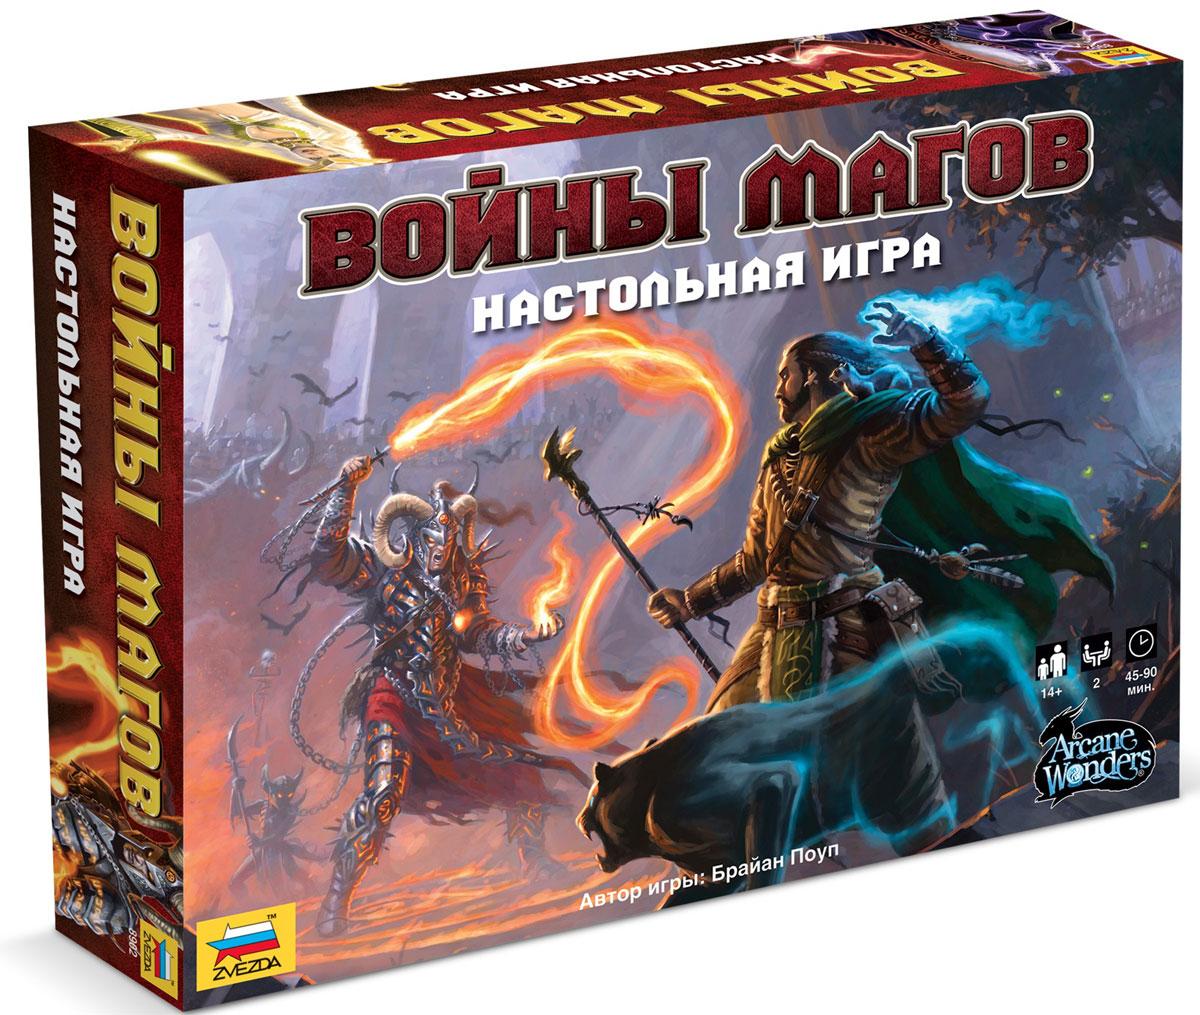 Звезда Настольная игра Войны магов8902Настольная игра. «Войны магов» – это тактическая настольная игра, которая сочетает в себе лучшие механики карточных сражений и игр с миниатюрами. Сражения проходят на арене и каждый из магов представляет свою школу волшебства. В распоряжении игрока есть книга заклинаний с магическими картами, которые он может ввести в игру. Каждый маг относится к определенной магической школе — каждой со своим уникальным набором заклинаний и стратегий. В свой ход можно сотворить любое заклинание, что открывает богатые возможности стратегии и тактики. К вашим услугам свирепые существа, грозное оружие и губительные чары. Вызванные существа способны перемещаться по арене и атаковать друг друга, либо вражеского мага. Атаки кроме урона также накладывают различные эффекты, такие как Ожог, Разъедание, Оглушение, Паралич, Травма и так далее. Существа, получившие слишком много повреждений, будут уничтожены. К тому же они могут попасть под действие проклятий или чар. ...